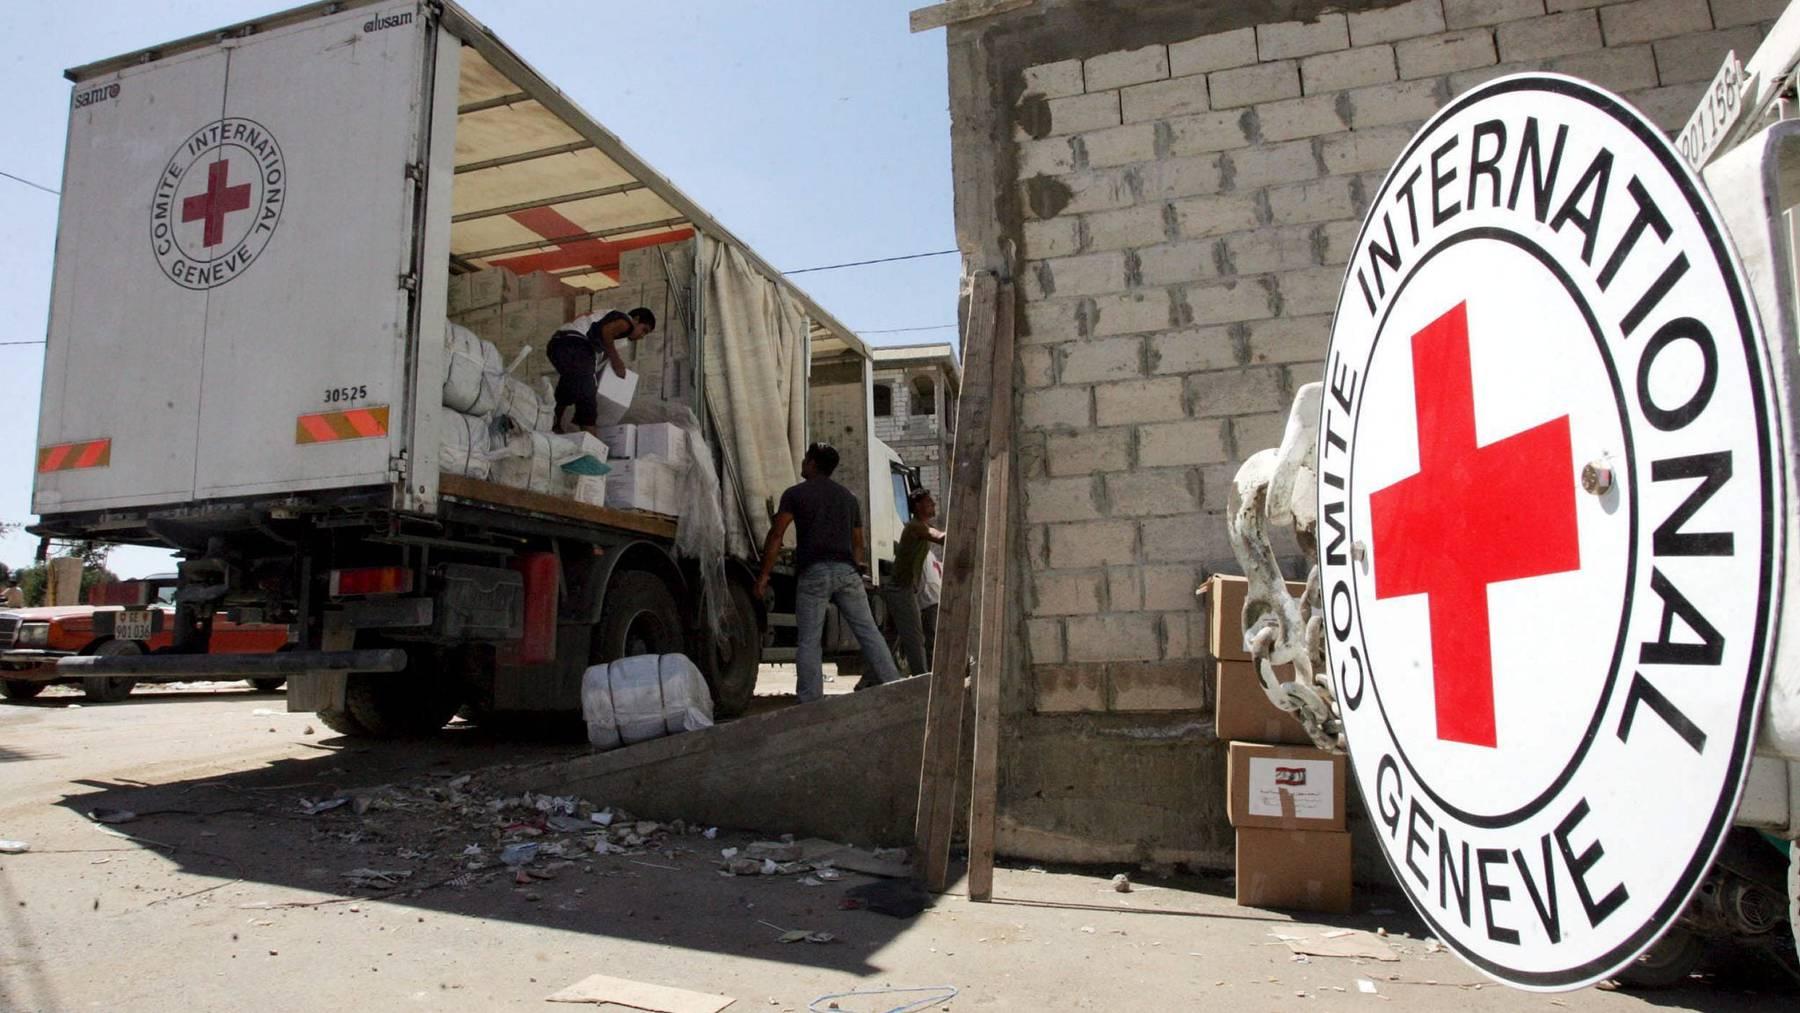 Der Nationalrat will sicherstellen, dass humanitäre Hilfe nicht als Terror-Unterstützung ausgelegt werden kann. (Symbolbild)